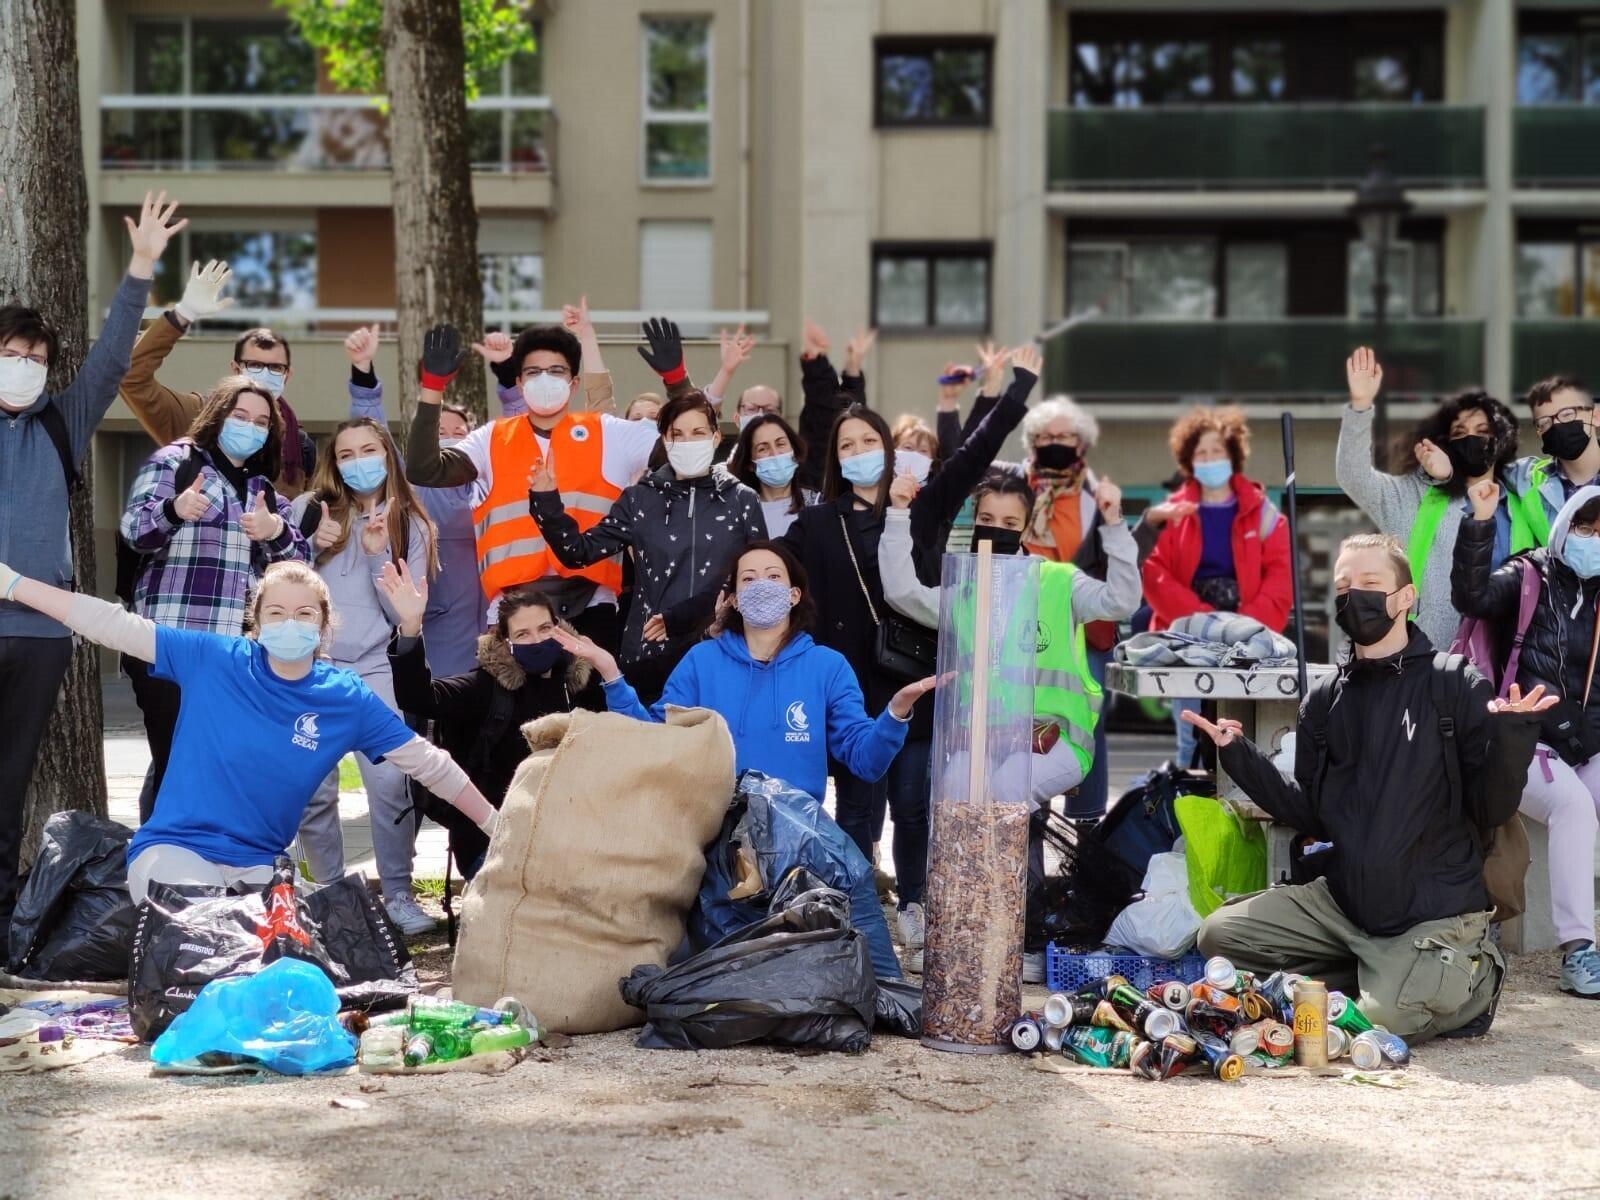 Après avoir collecté des déchets pendant deux heures, les volontaires ont fait une photo de groupe.